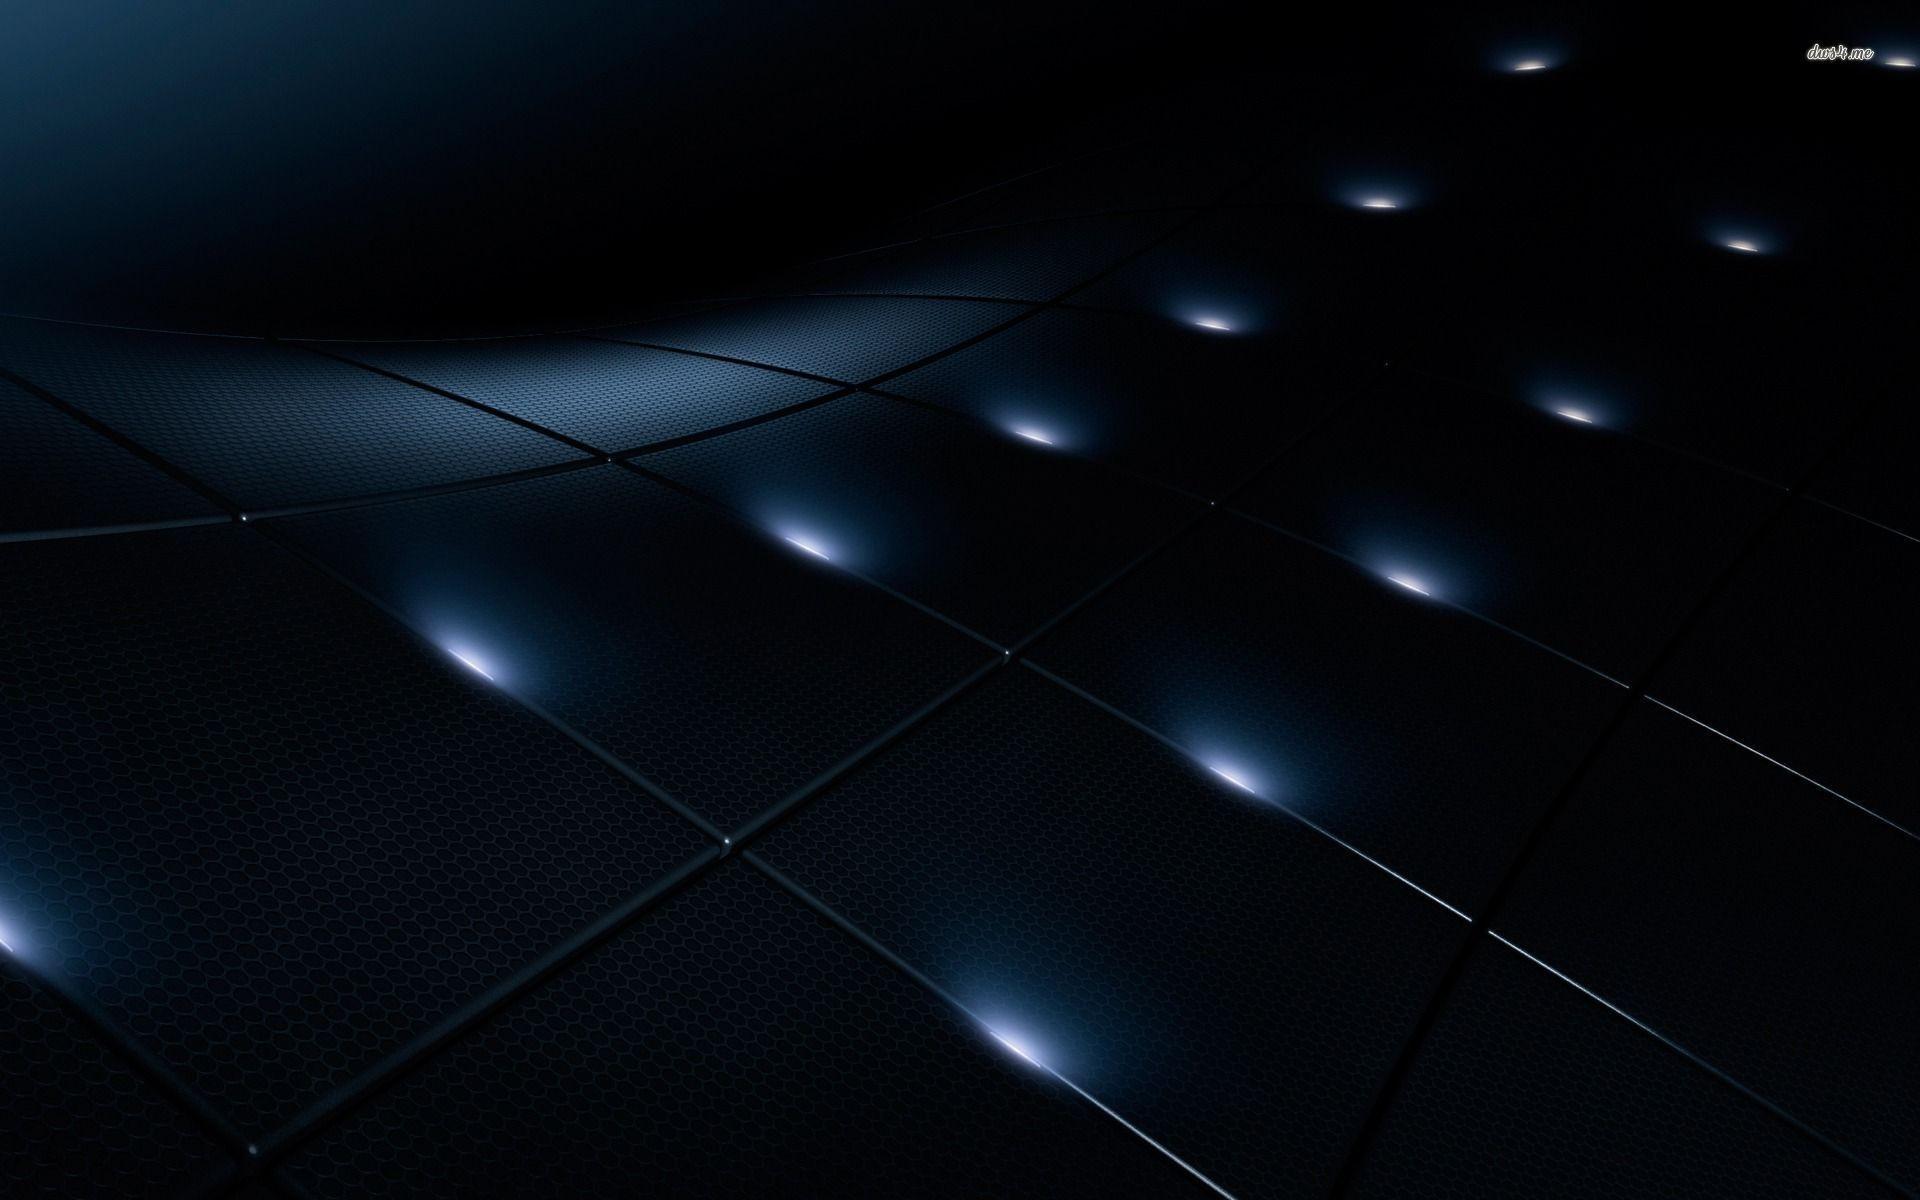 Carbon Fiber Wallpaper 1920×1080 – WallpaperSafari